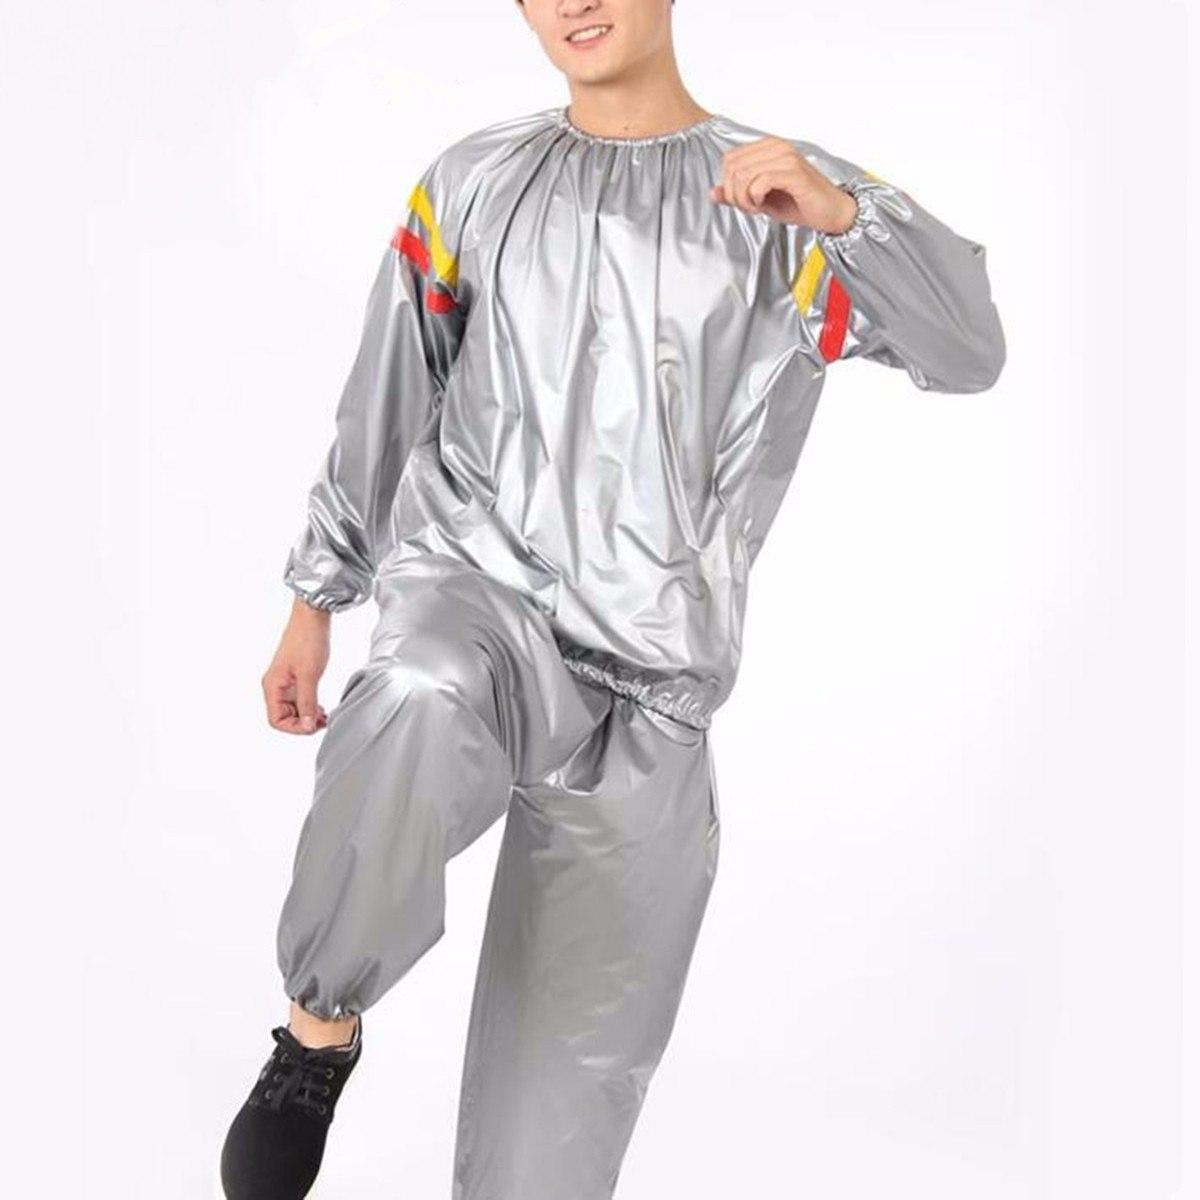 Костюм-сауна MARKETHOT Термический спортивный костюм -сауна, серый MARKETHOT